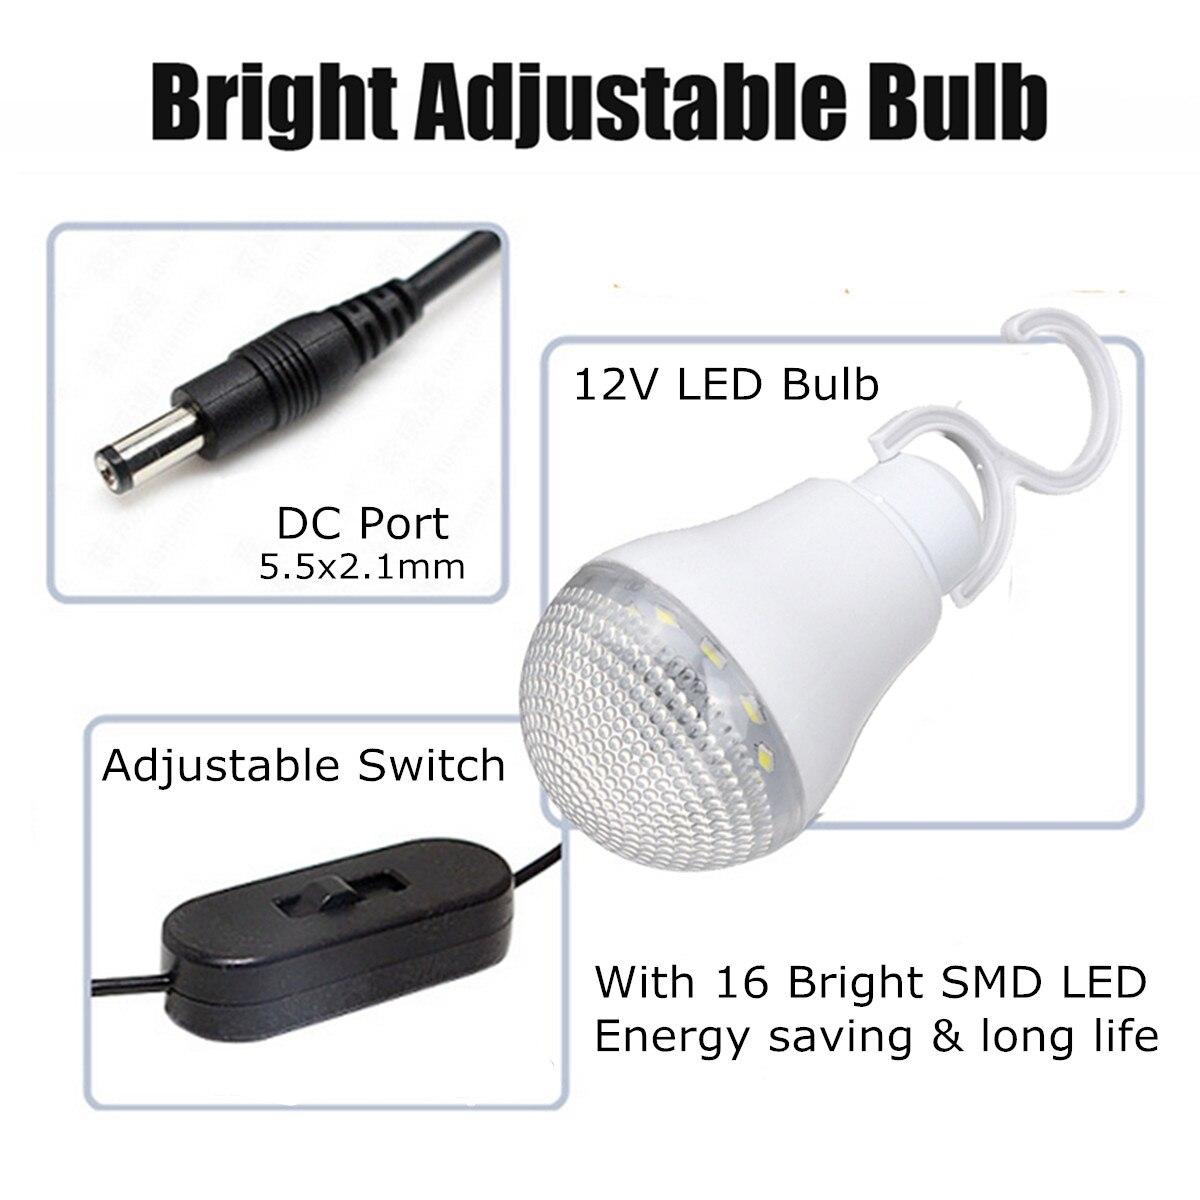 Lumière LED chargeur USB 18 W panneau solaire générateur de stockage d'énergie Kit de système domestique Rechargeable LED de mer batterie au plomb ABS + PC 10 V - 4